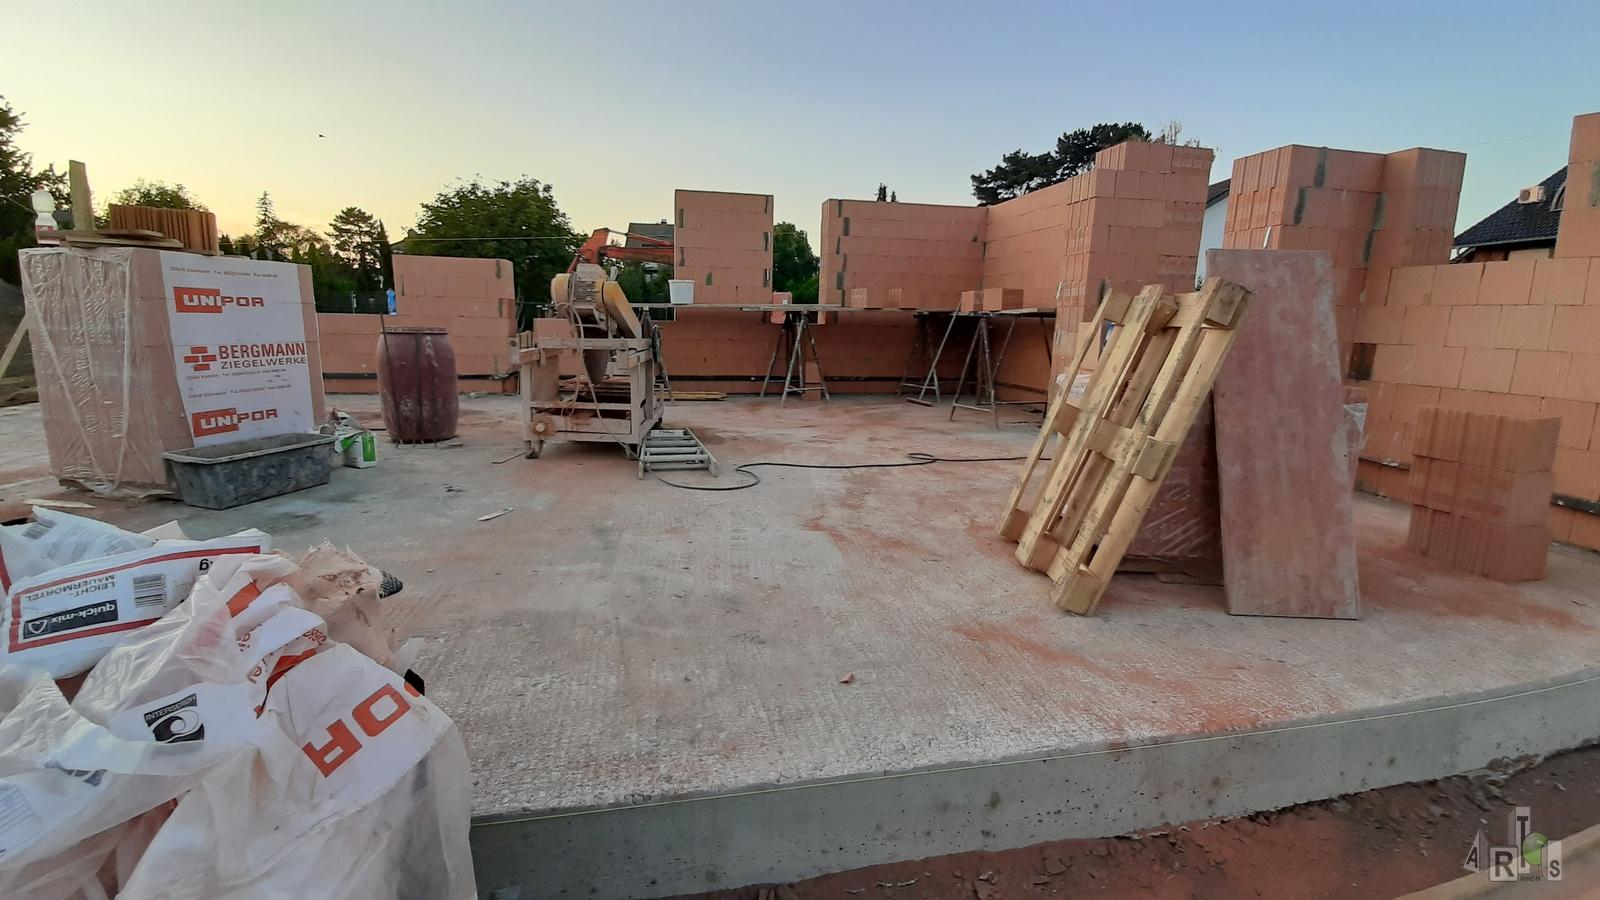 Bild unserer Baustelle in Hürth. Hier entstehen 3 DHH. www.artos-haus.de | Bild 7